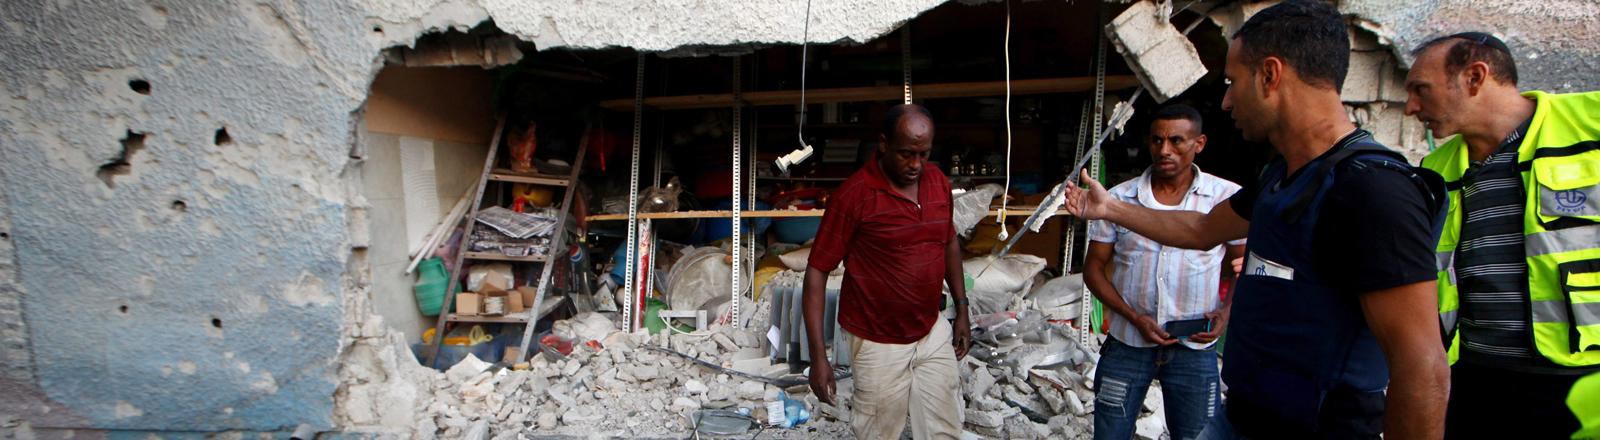 Eine aus dem Gaza-Streifen abgefeuerte Rakete hat im November 2012 einen Kiosk in Ashdod in Israel getroffen.